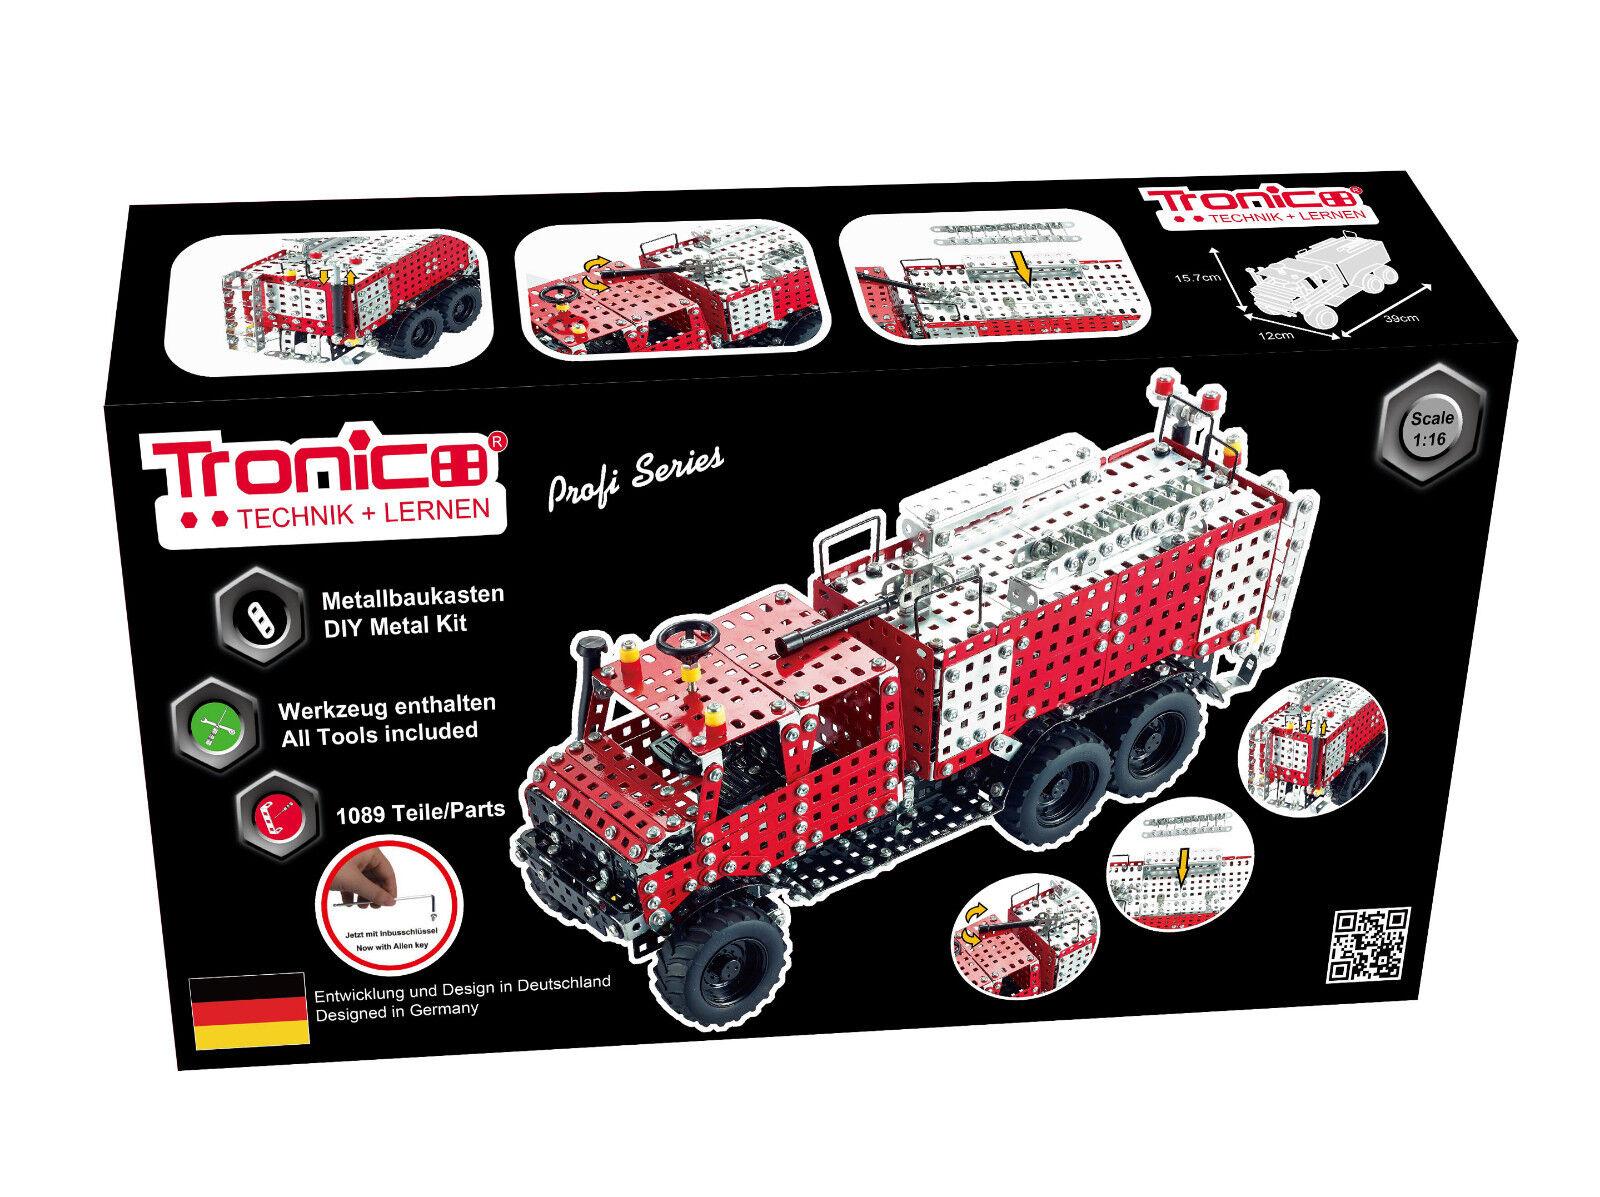 Tronico Metallbaukasten Unimog Feuerwehrfahrzeug 1:16, 1089 Teile